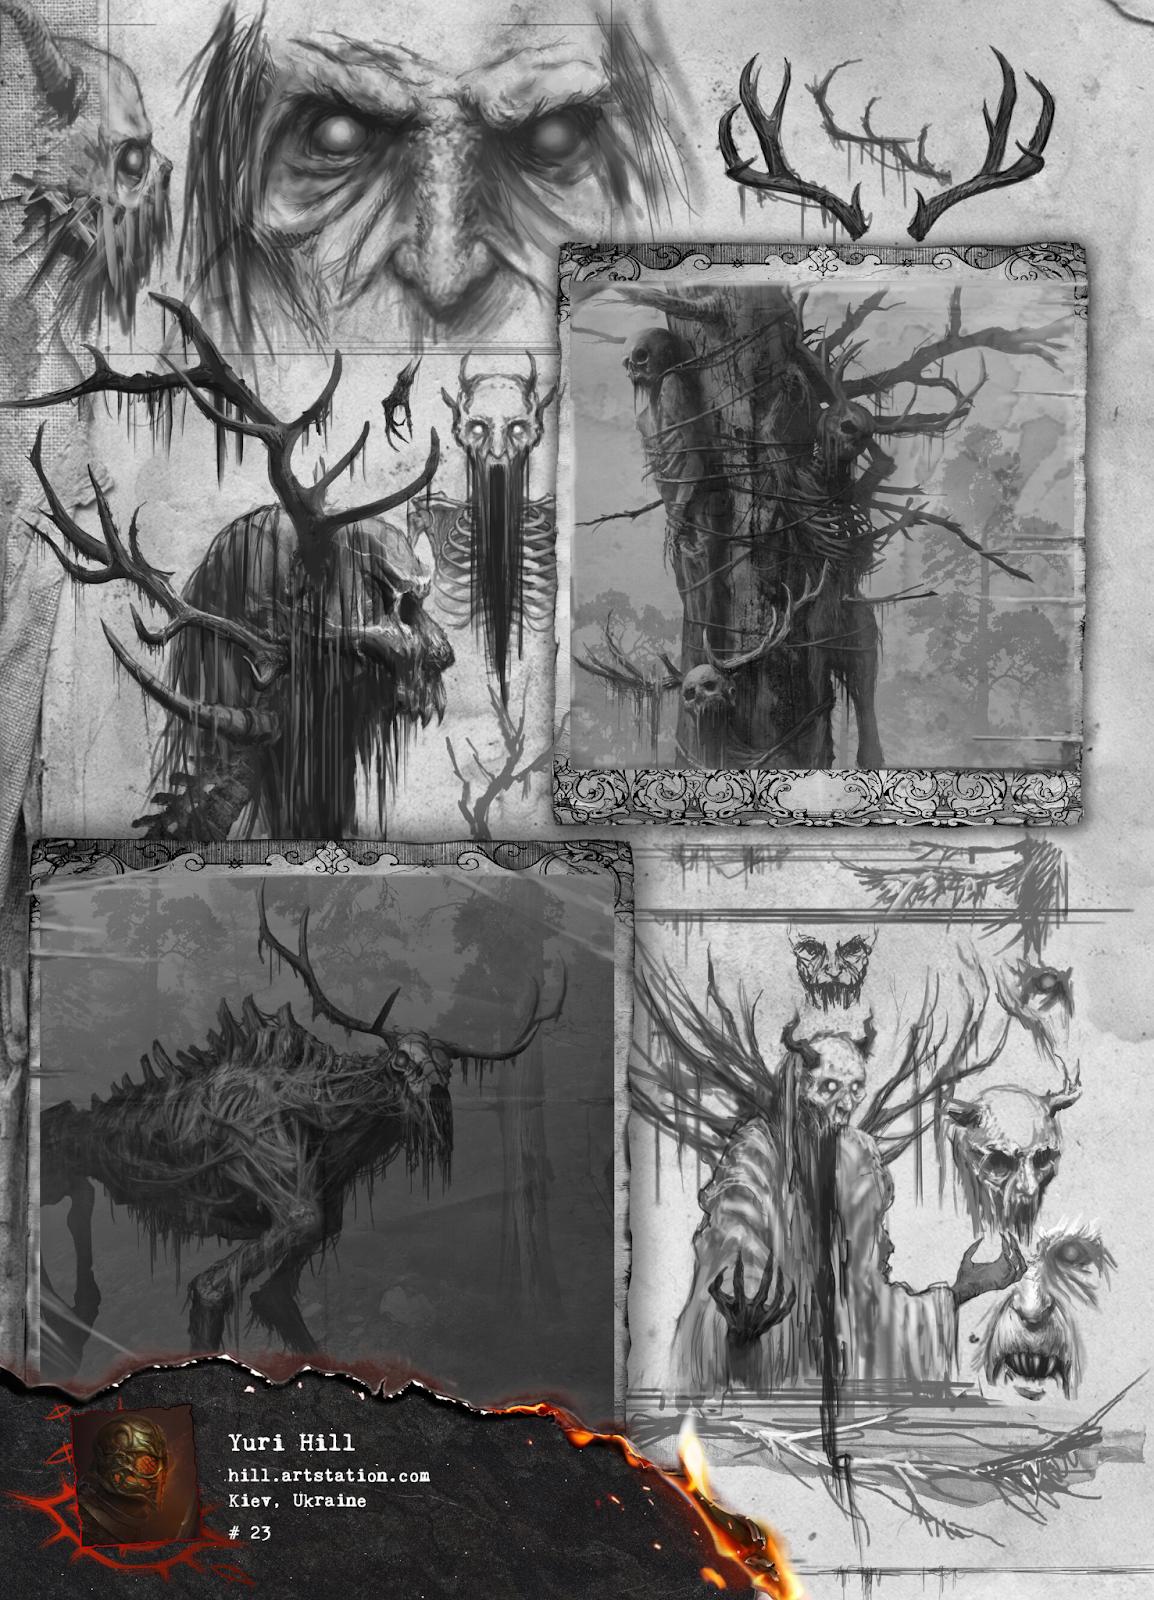 Превью страниц артбука «EVILBOOK 2» от Yuri Hill